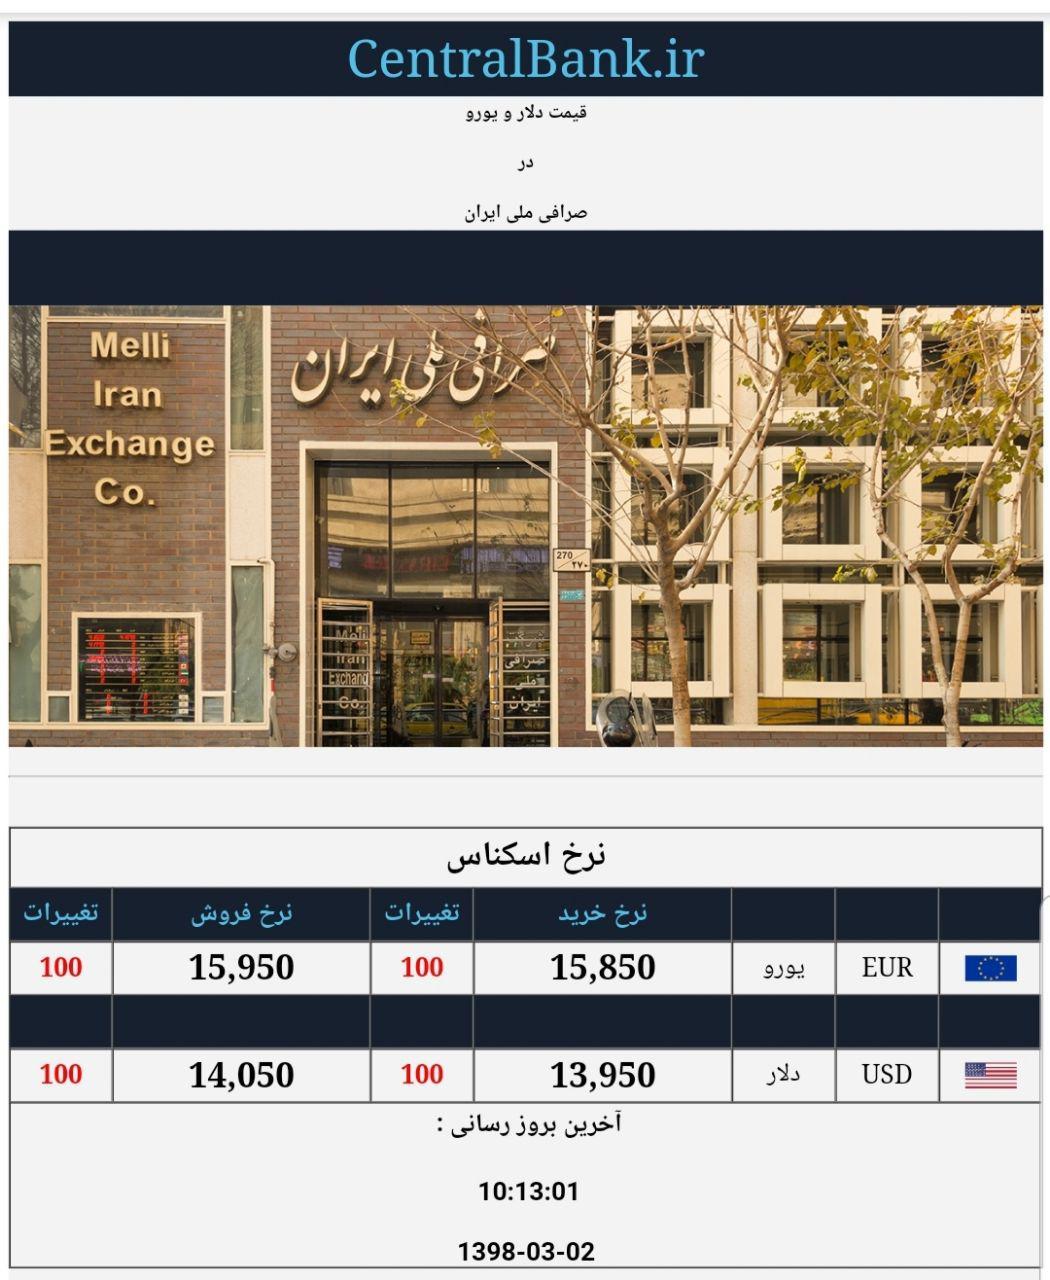 قیمت دلار و یورو صرافی ملی دوم خرداد